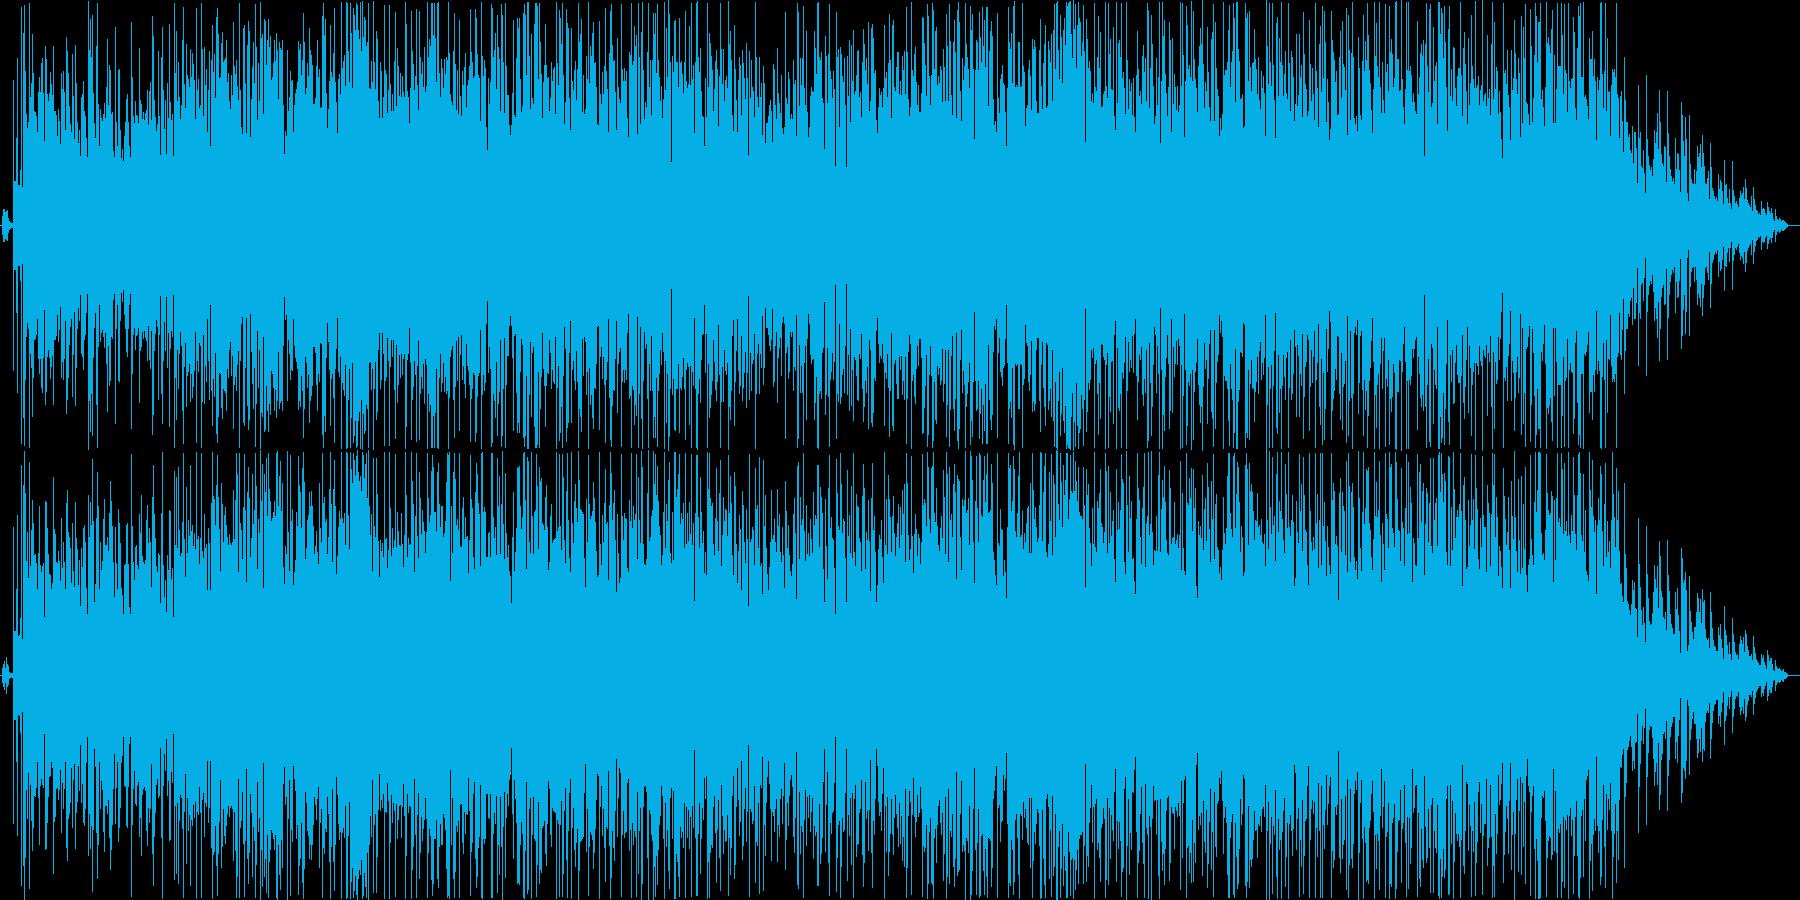 冬をイメージしたオシャレなスムースジャズの再生済みの波形